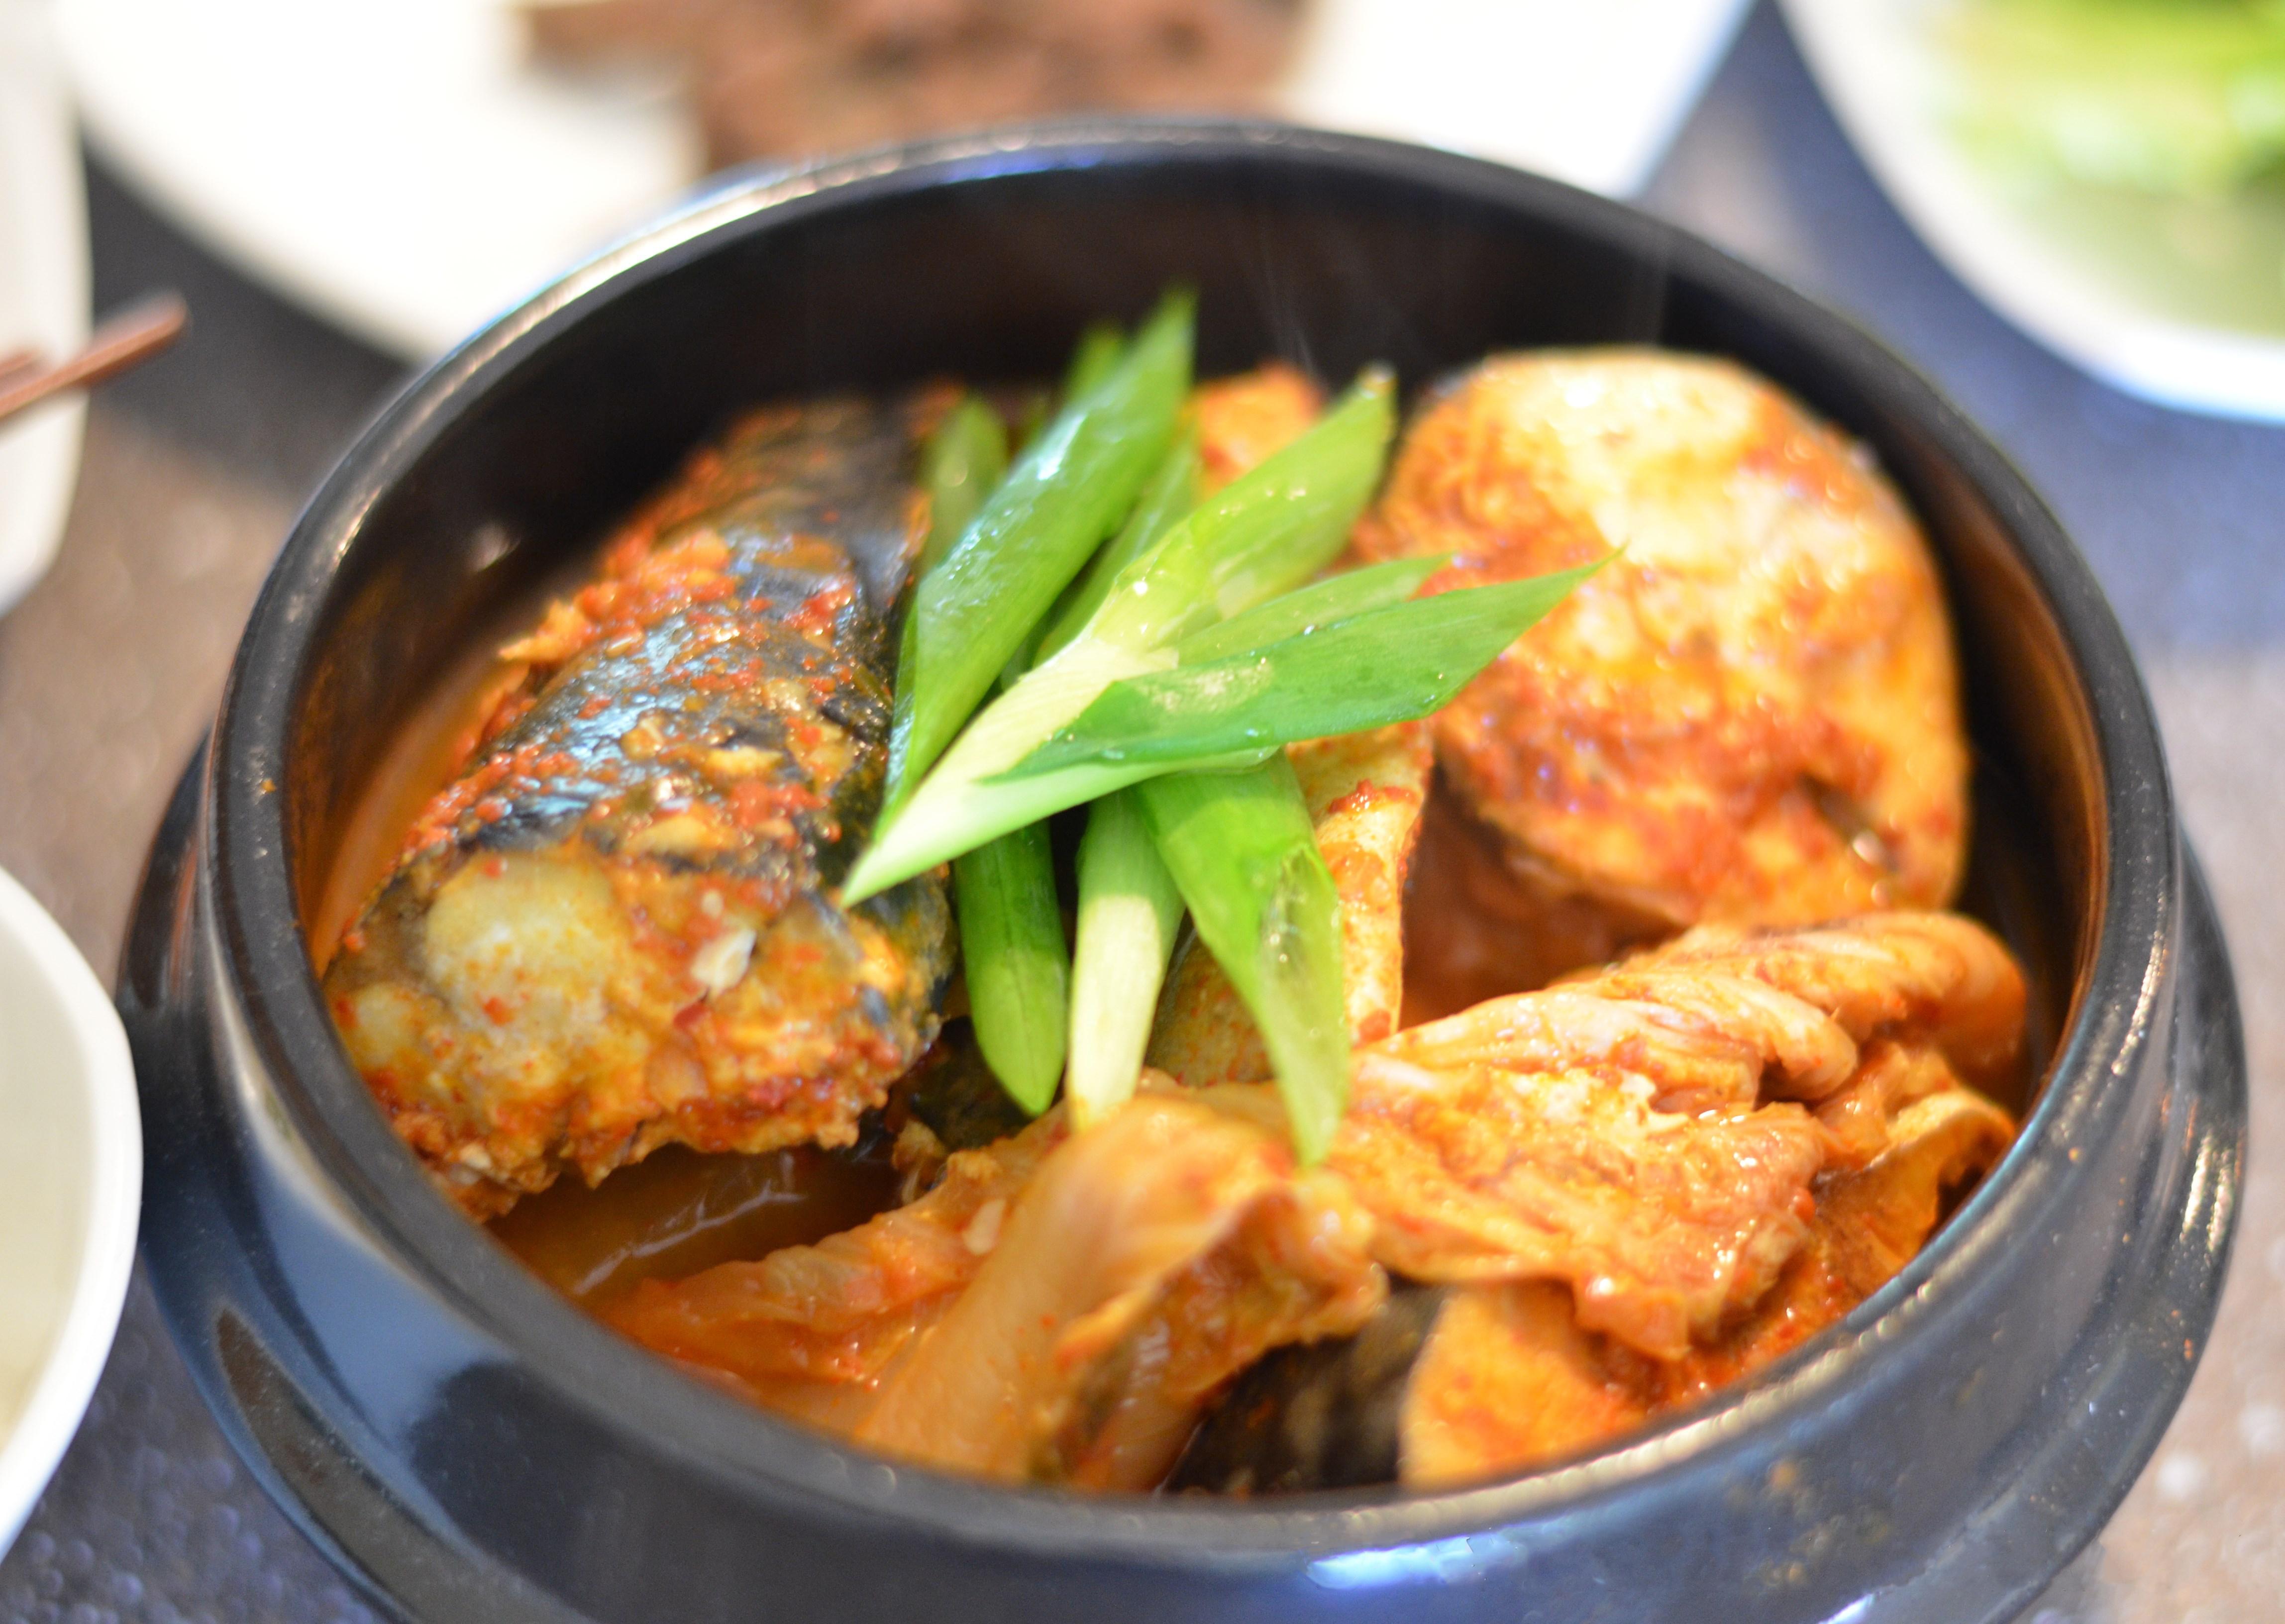 Godeungeo Jorim (Korean Braised Mackerel with Radish)